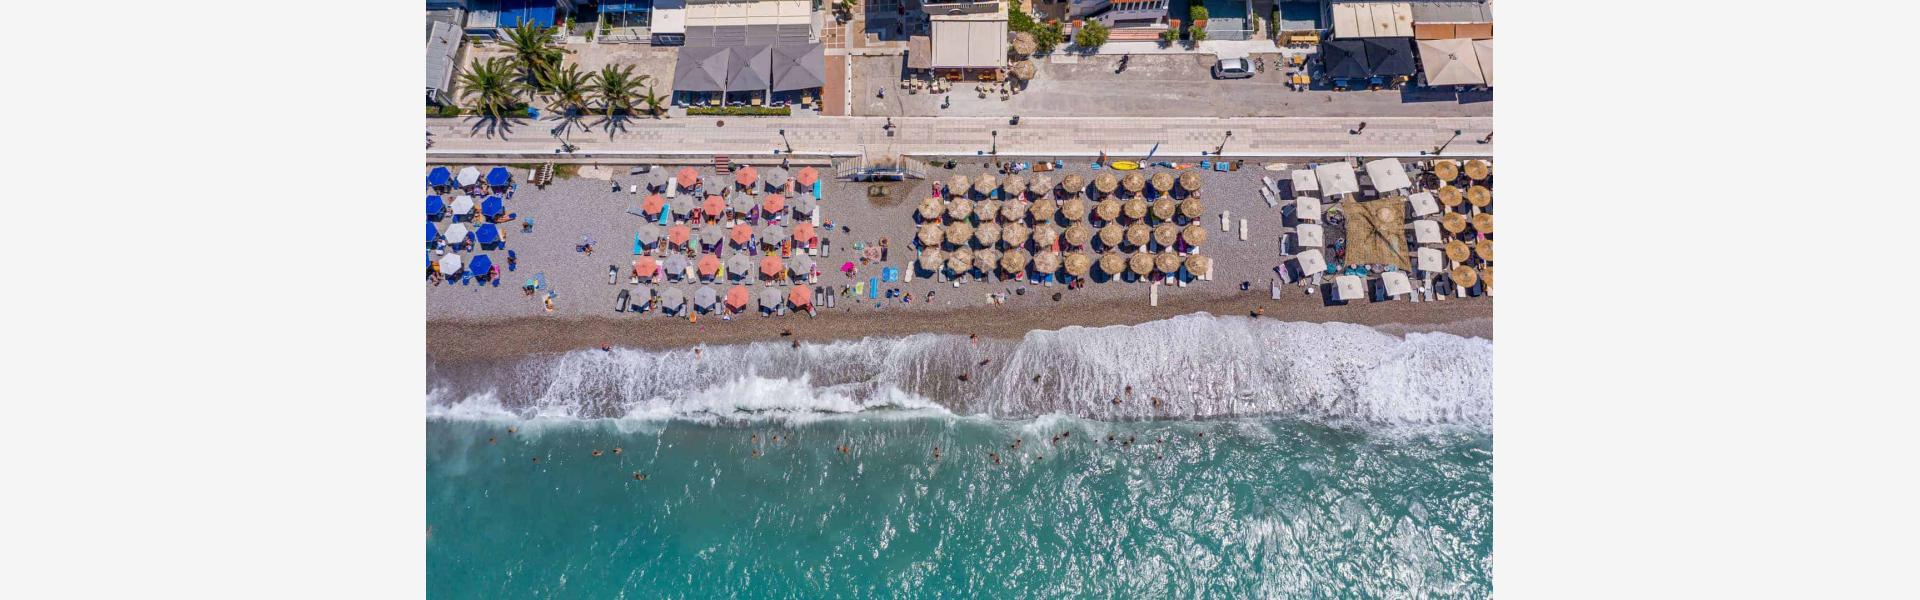 Κεντρική παραλία Λουτρακίου - Πανοραμική